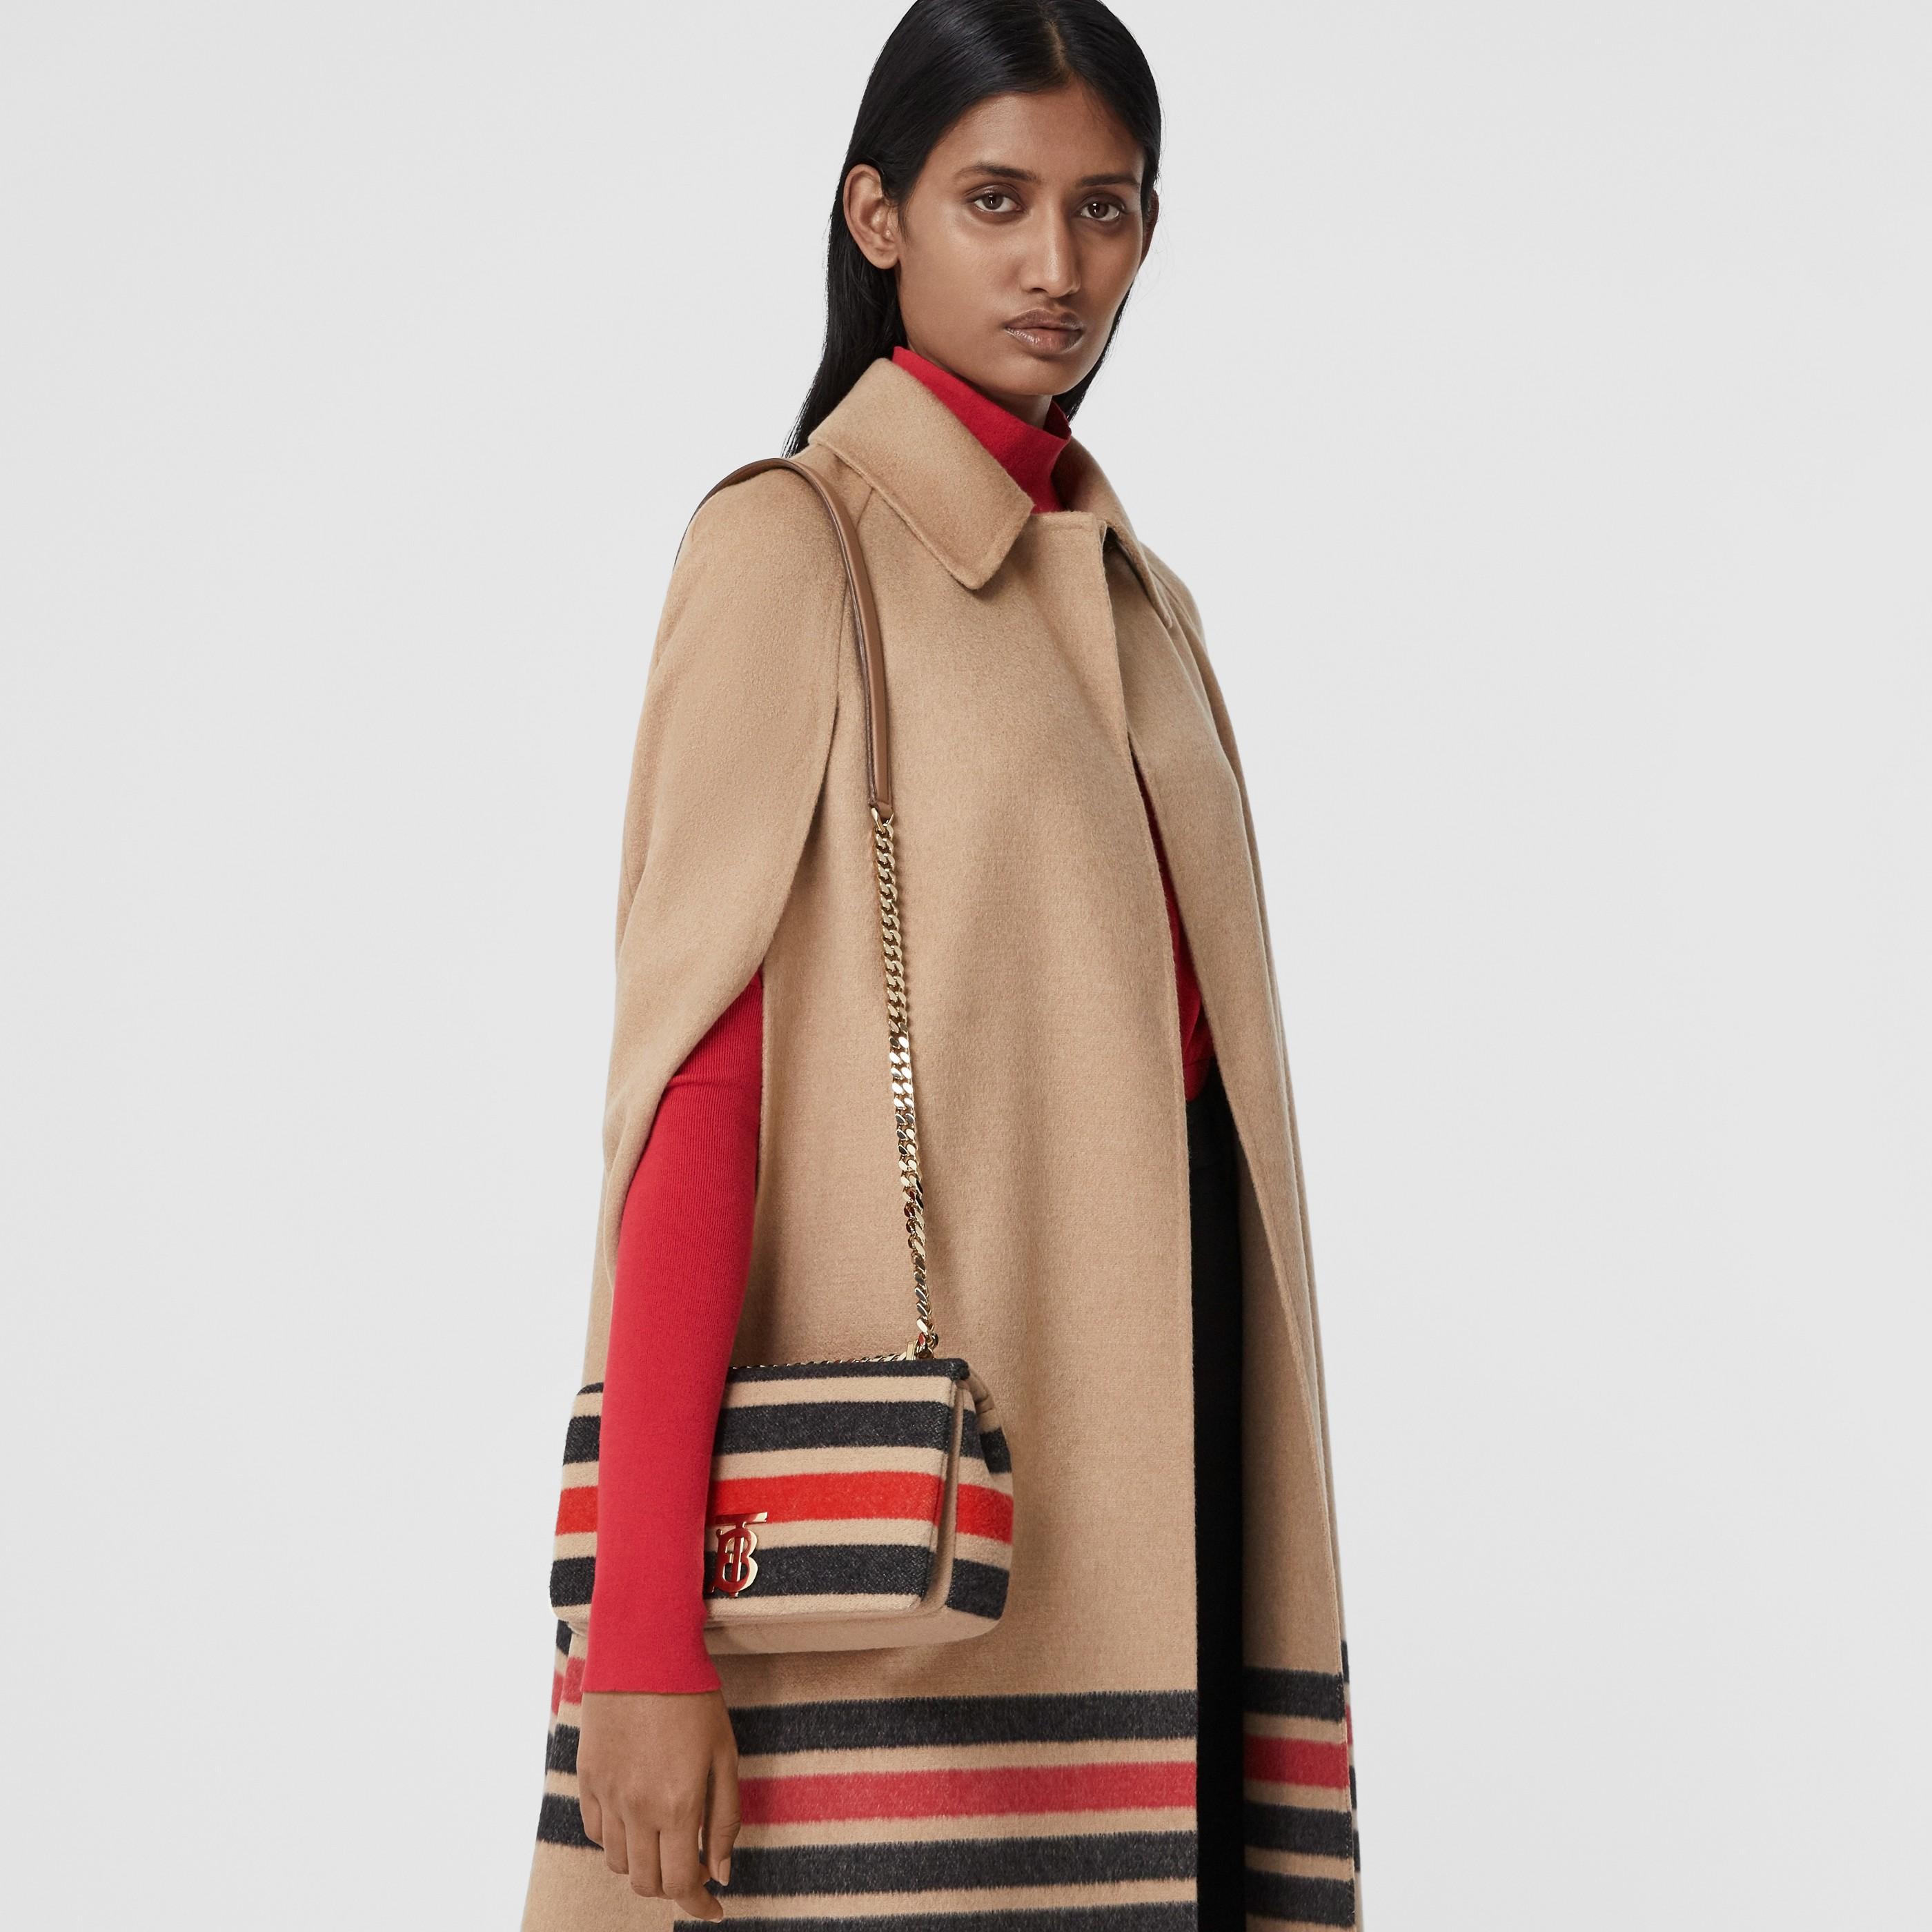 Borsa Lola piccola in lana a righe (Cammello Chiaro) - Donna   Burberry - 3